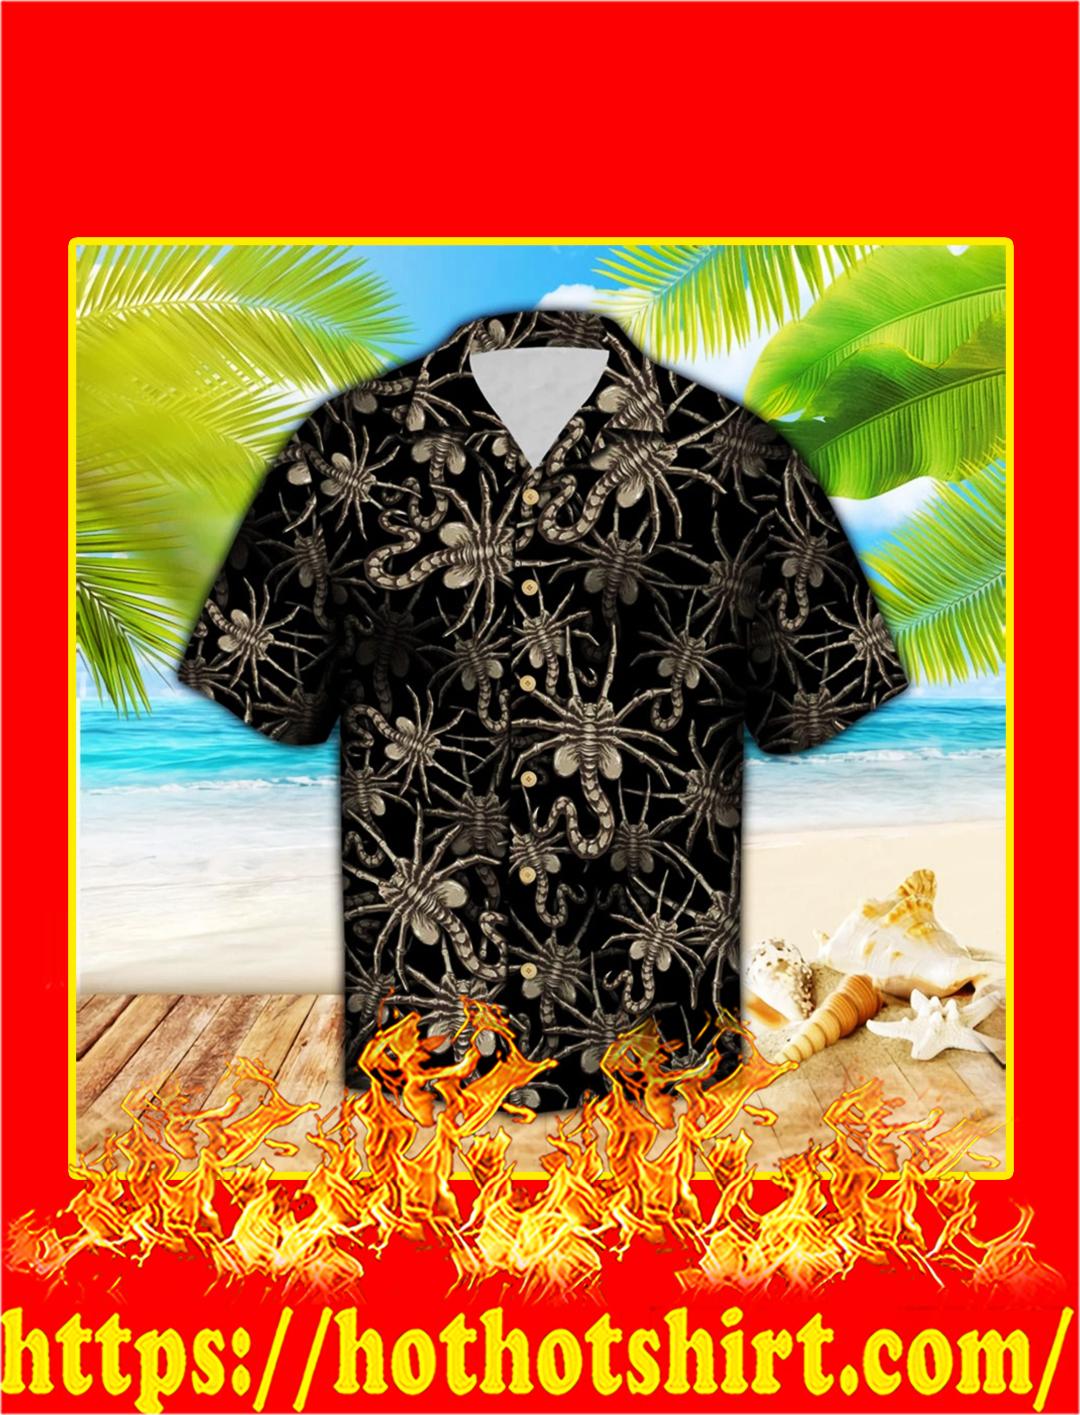 Alien face hugger hawaiian shirt - LAlien face hugger hawaiian shirt - L